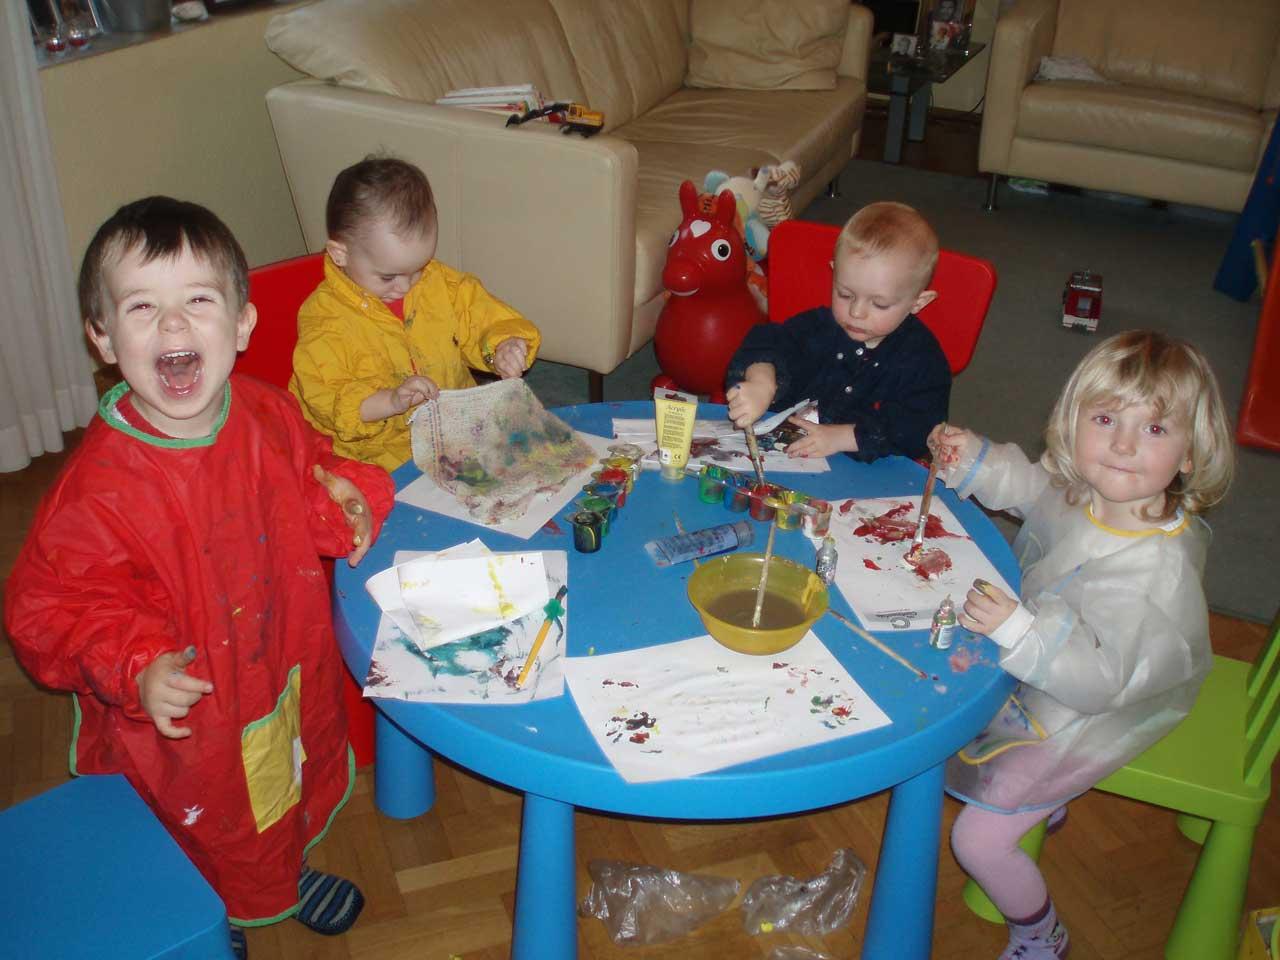 Das Bild zeigt Kinder, die gemeinsam an einen blauen Tisch malen